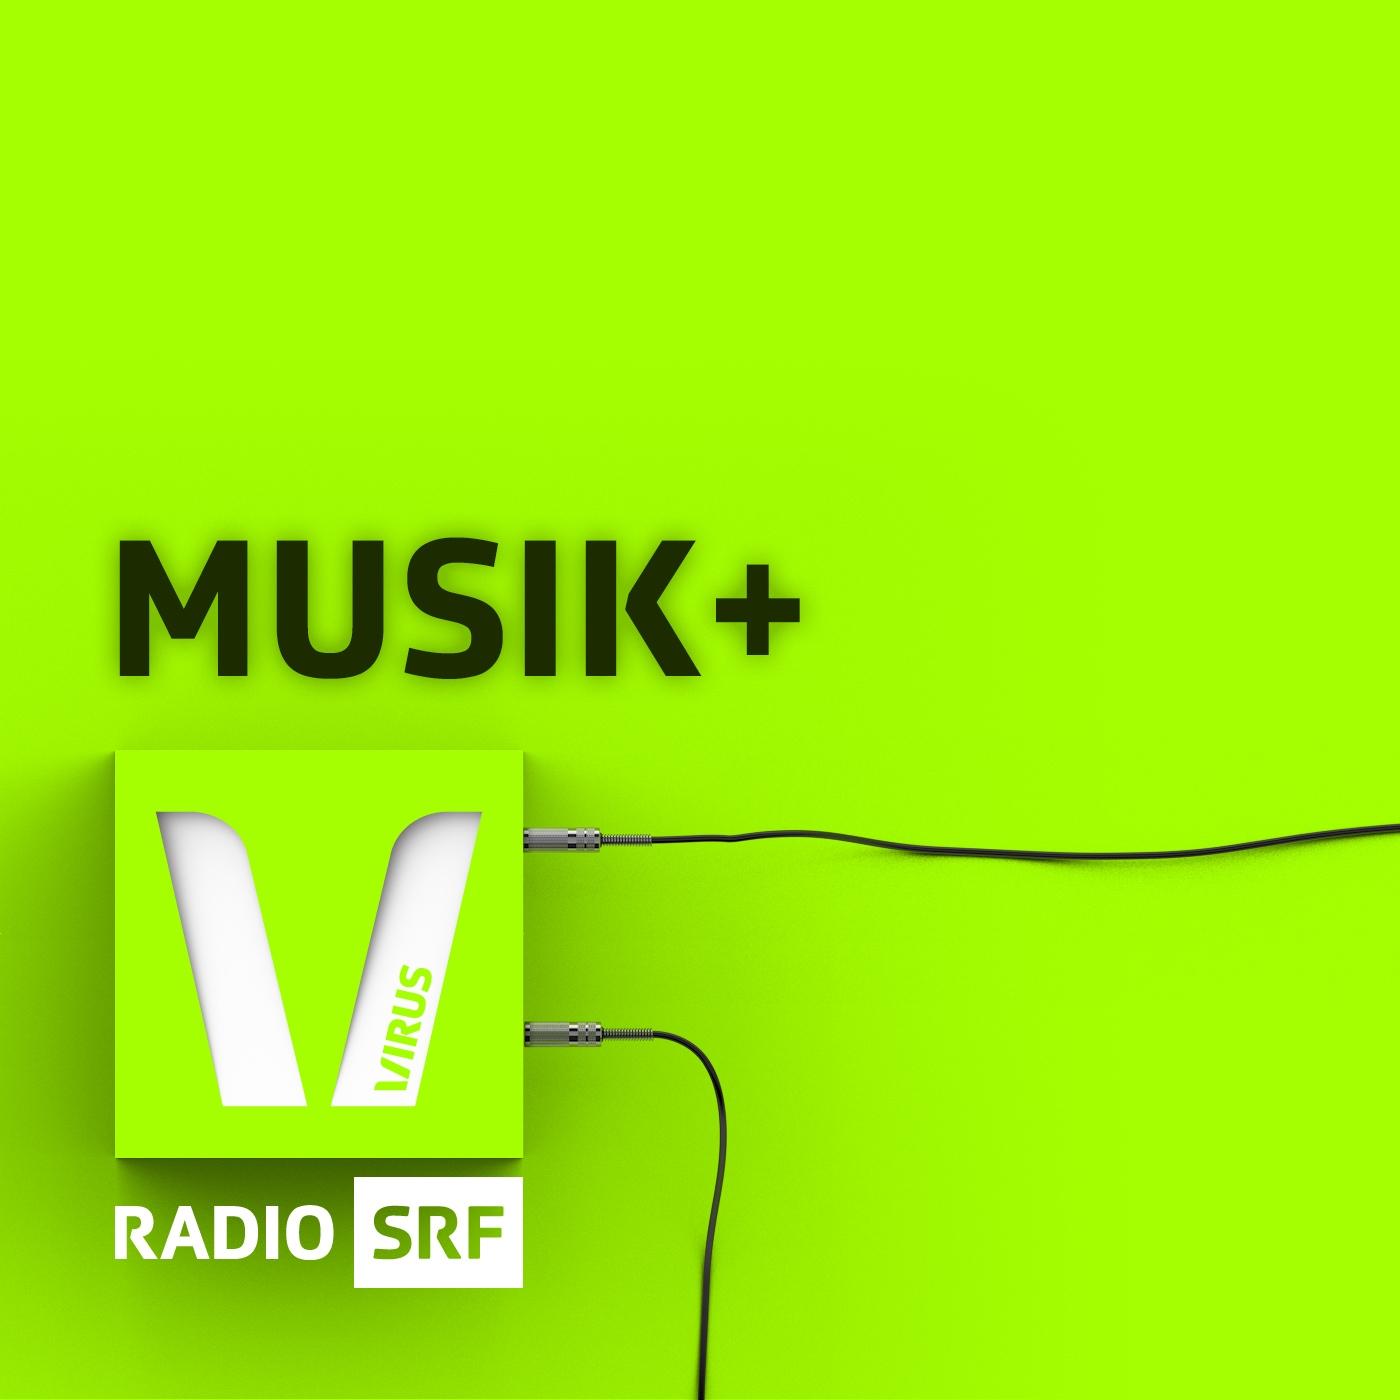 Musik+